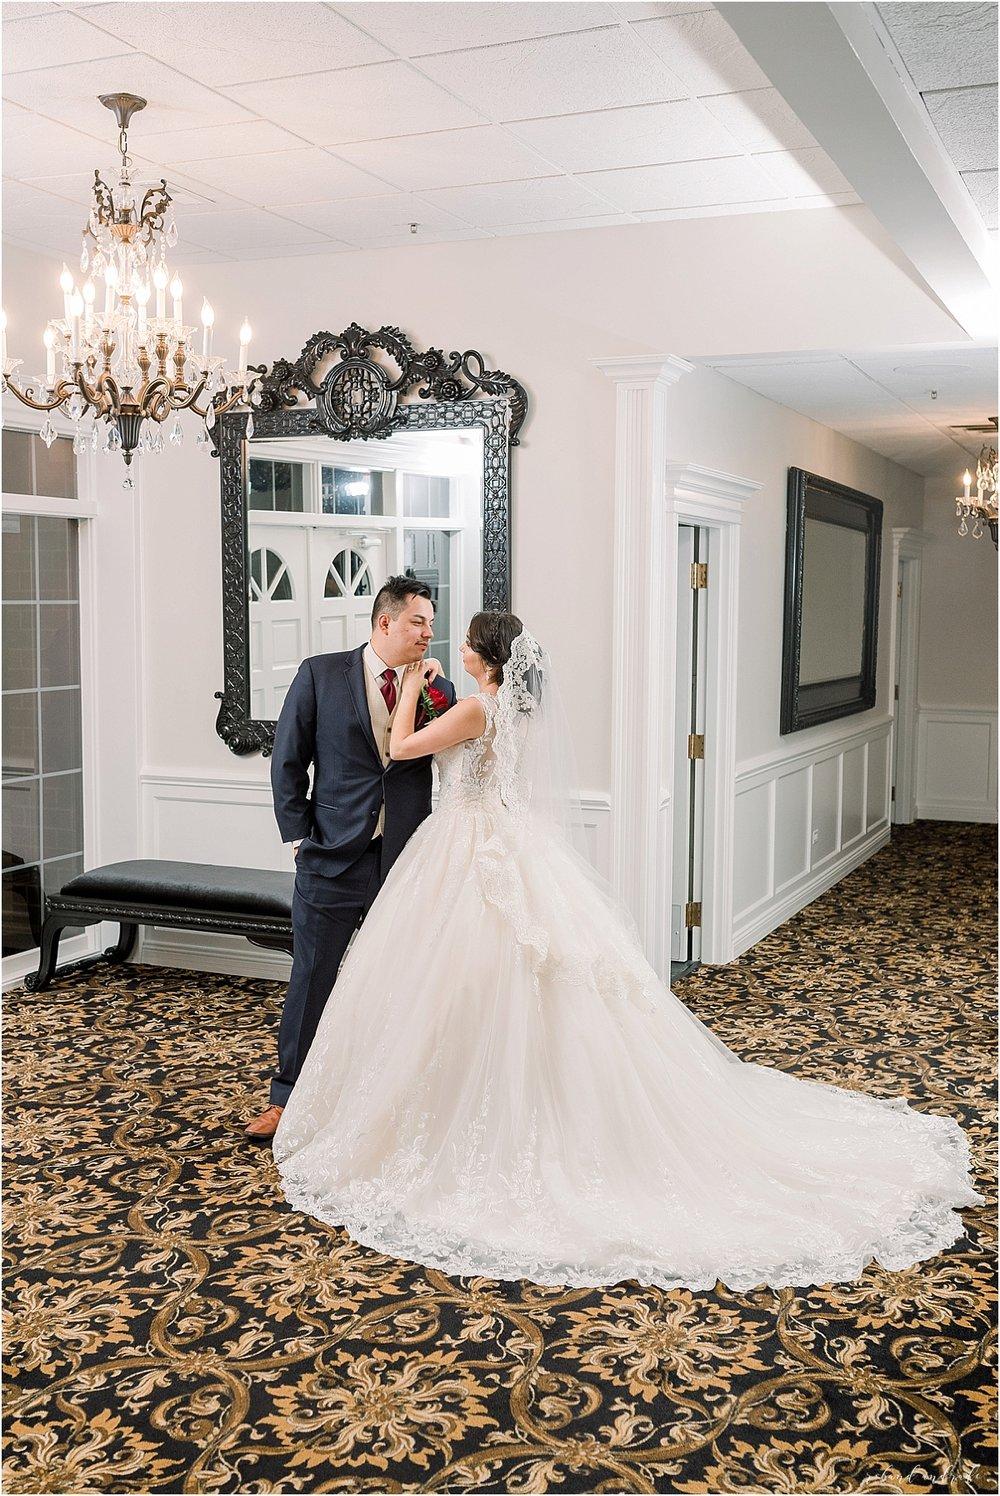 Alpine Banquets Wedding, Chicago Wedding Photographer, Naperville Wedding Photographer, Best Photographer In Aurora, Best Photographer In Chicago_0049.jpg